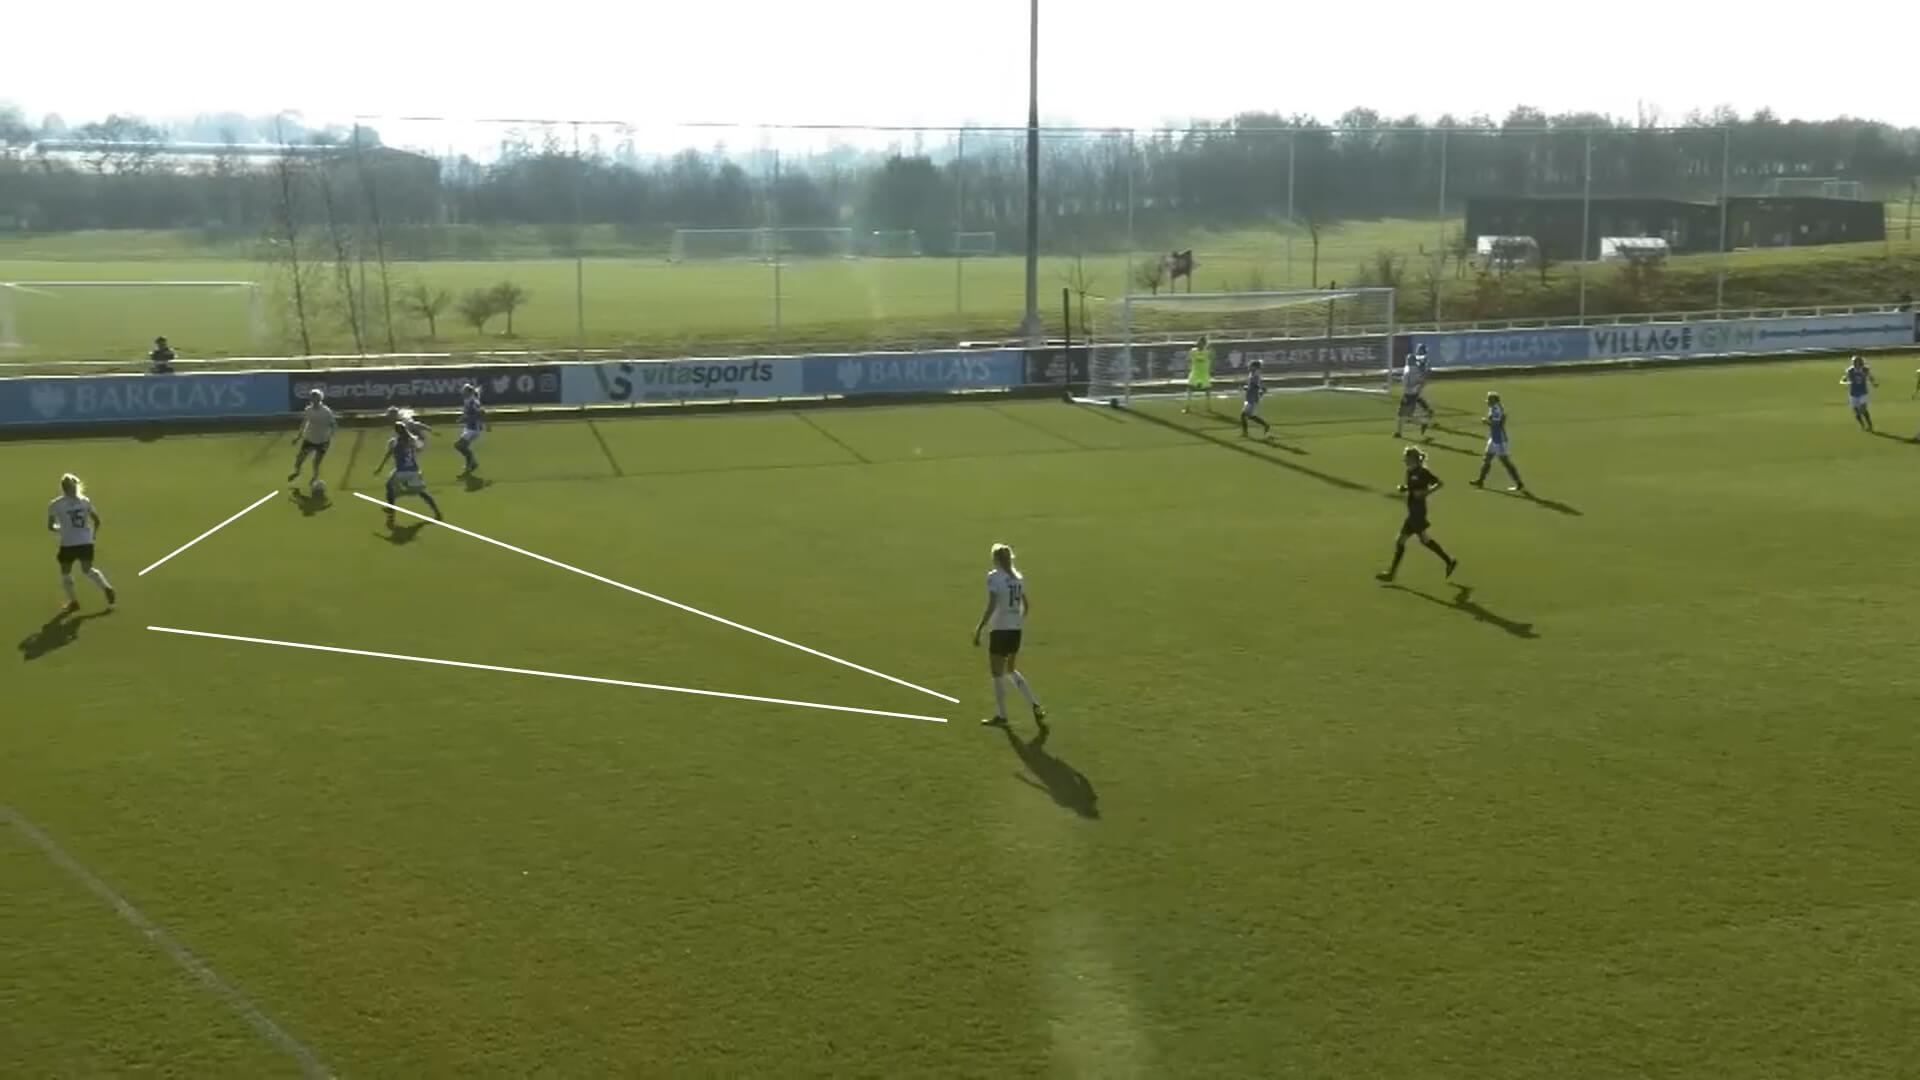 FAWSL 2020/2021: Birmingham City Women v Manchester City Women - tactical analysis tactics